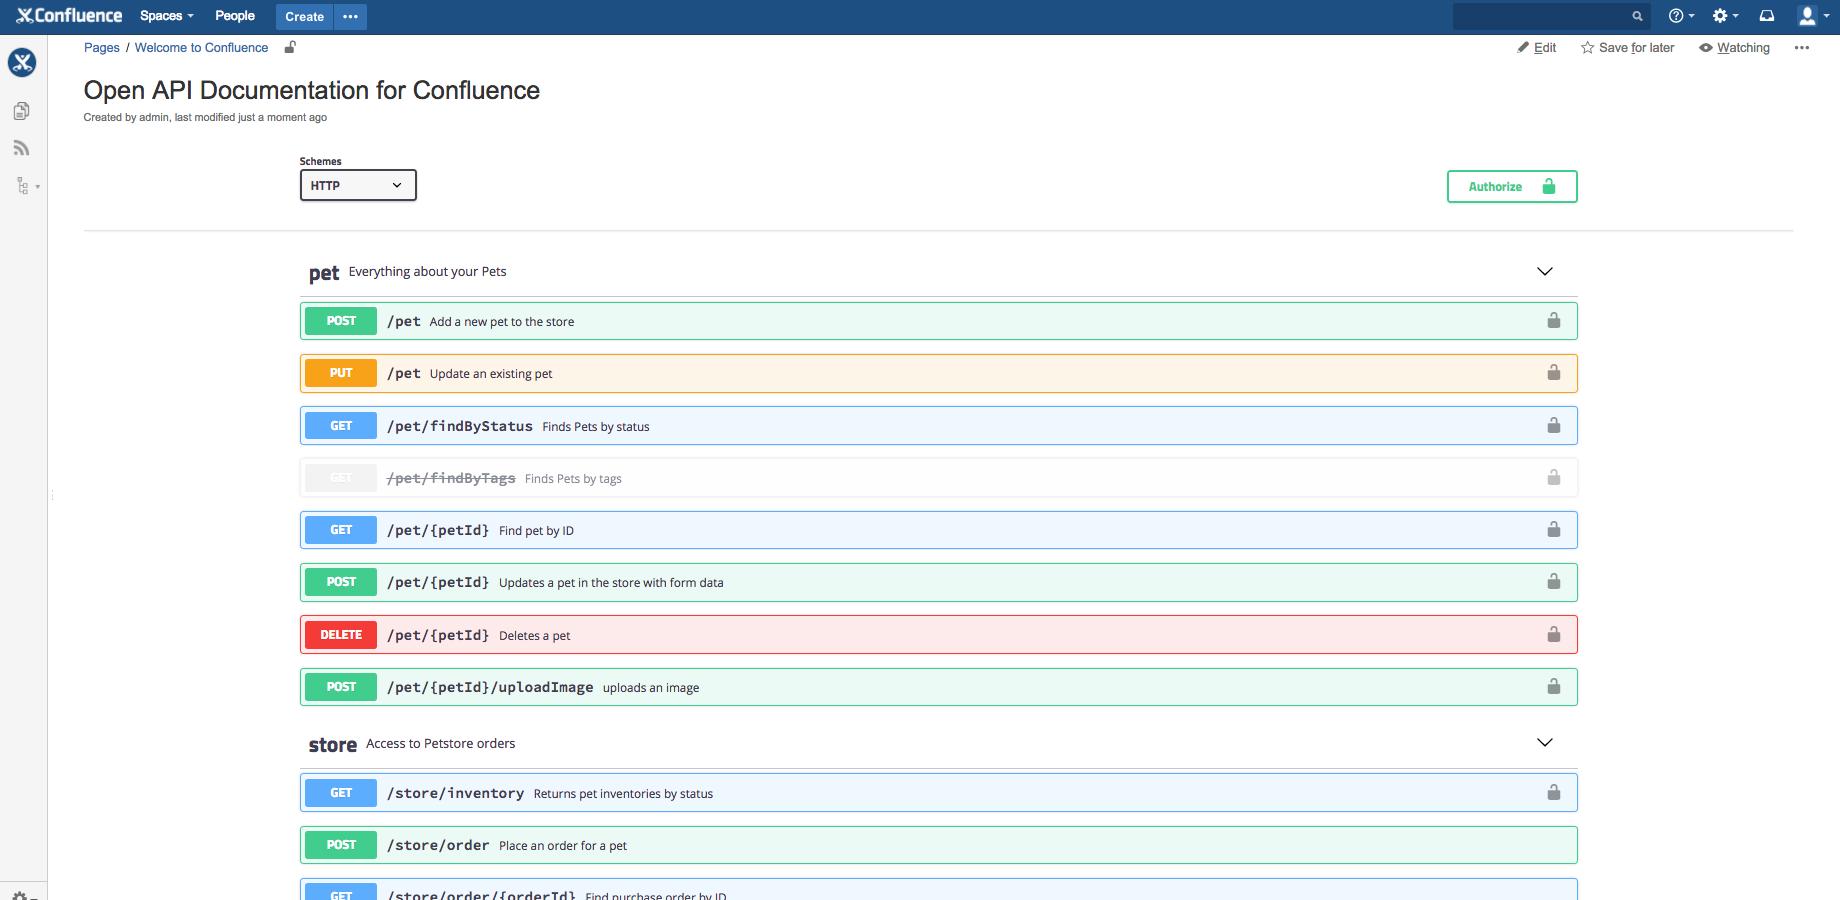 Open API Documentation for Confluence 3